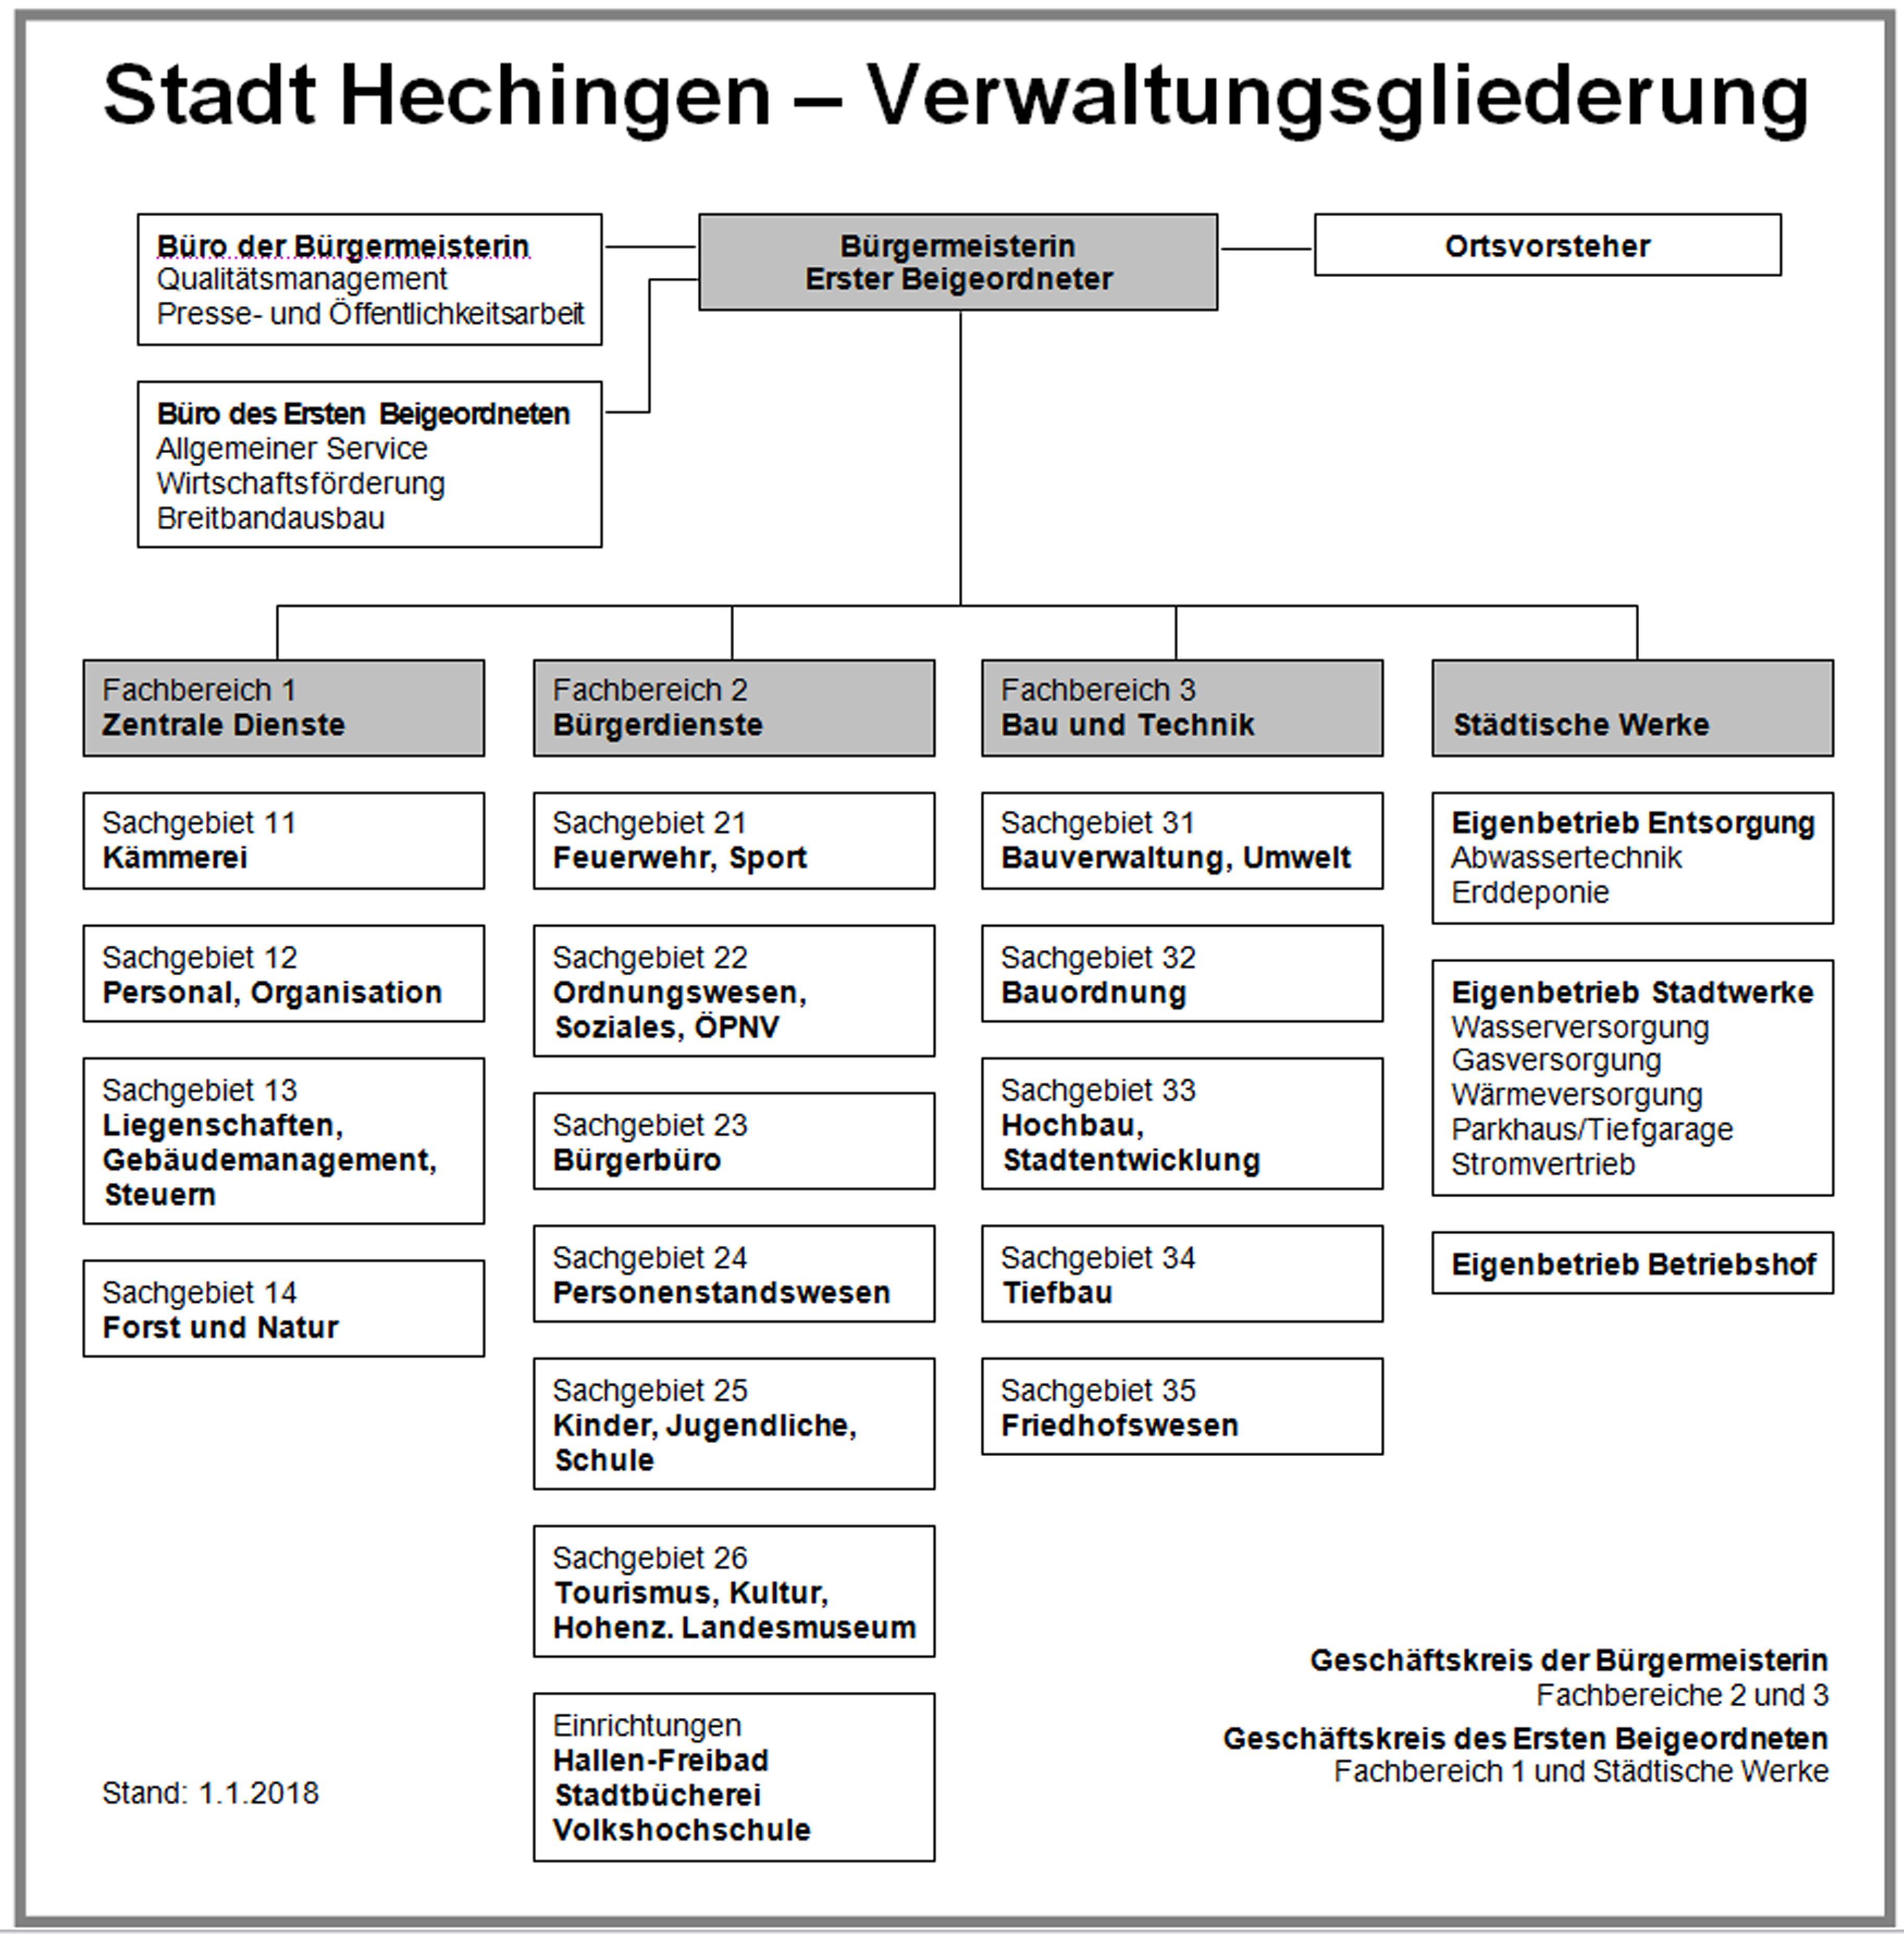 Verwaltungsgliederung ab 1.1.2018